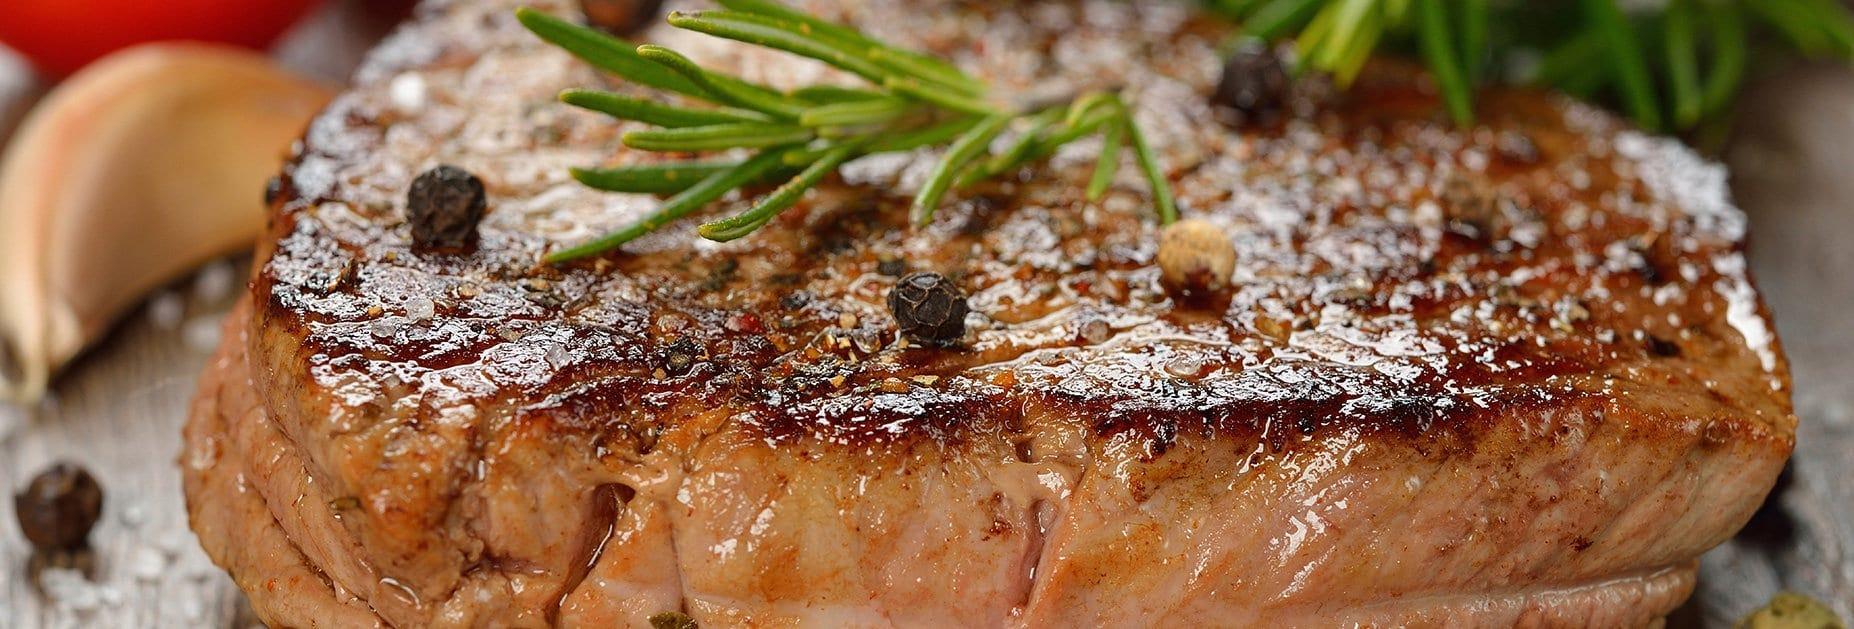 Rindfleisch und Rotwein